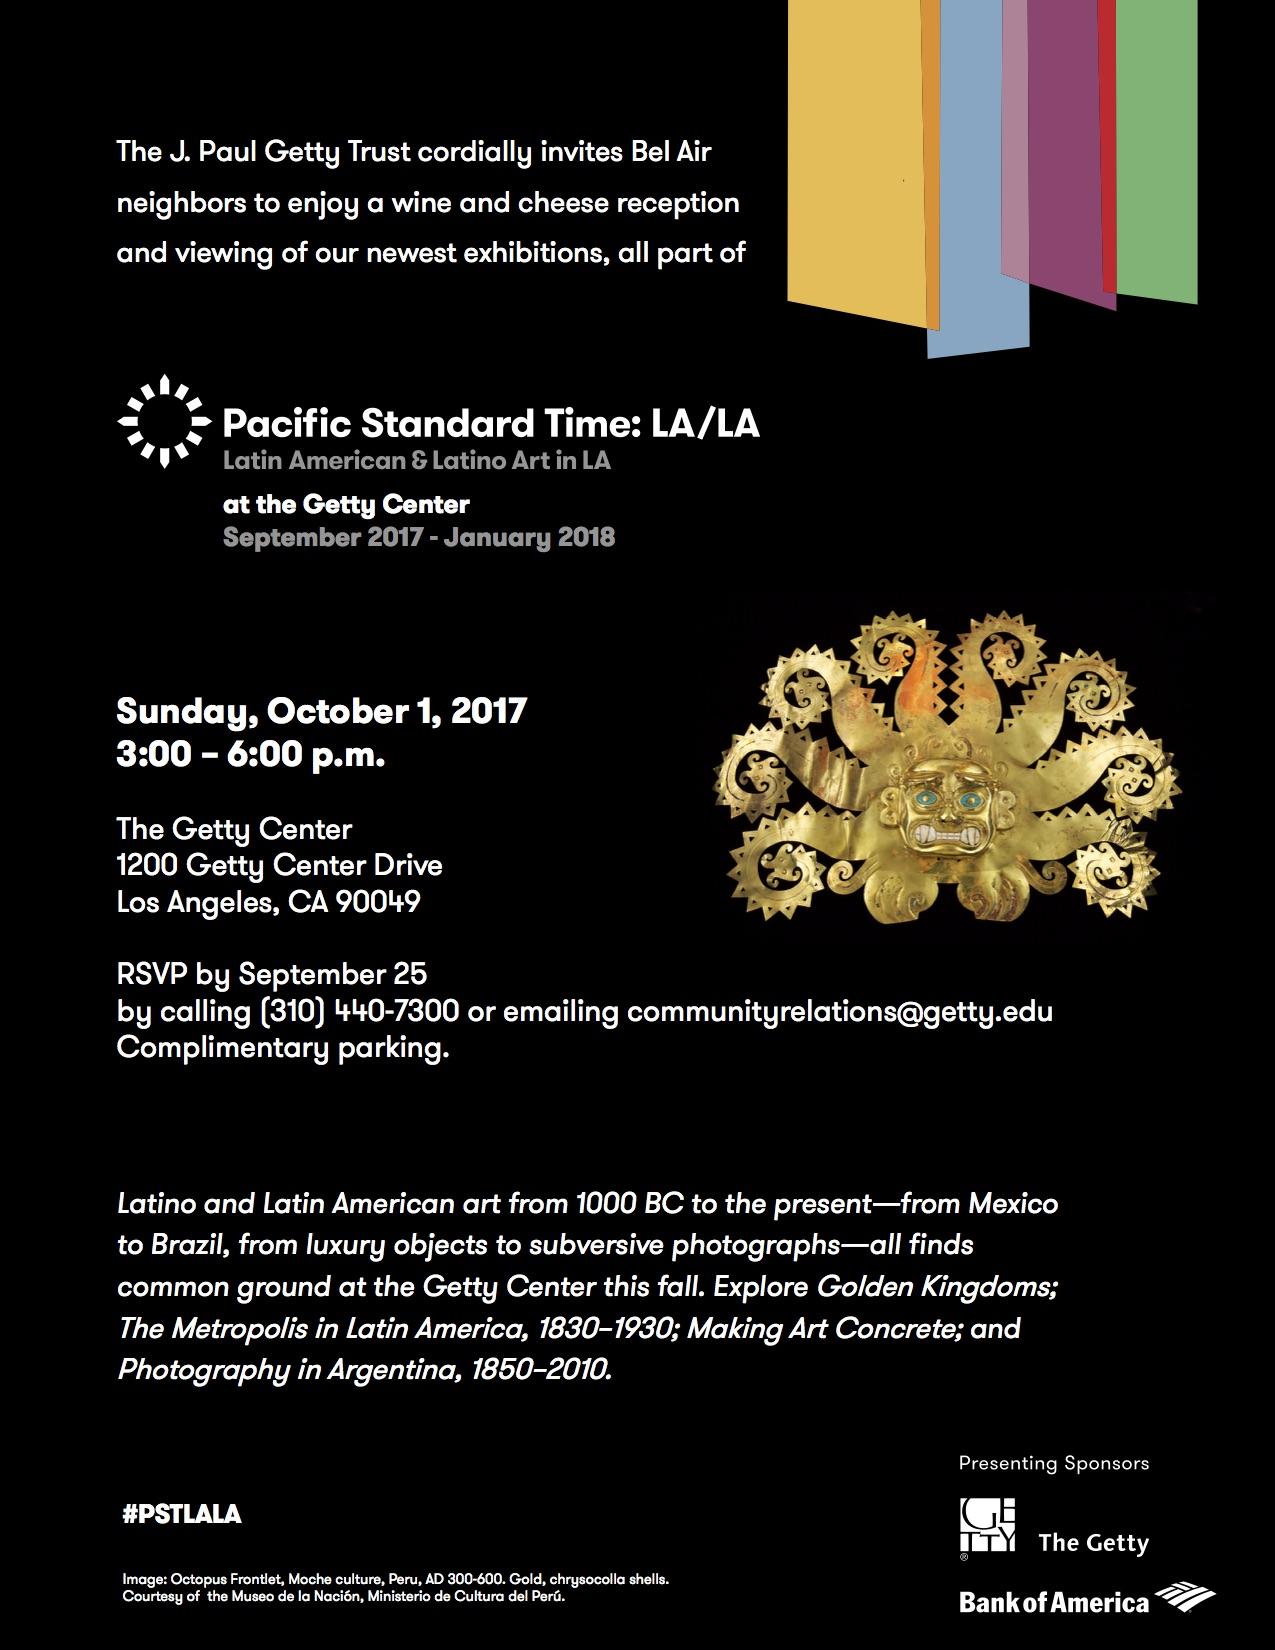 Invitation+to+Bel+Air+neighbors+October+1,+2017.jpg